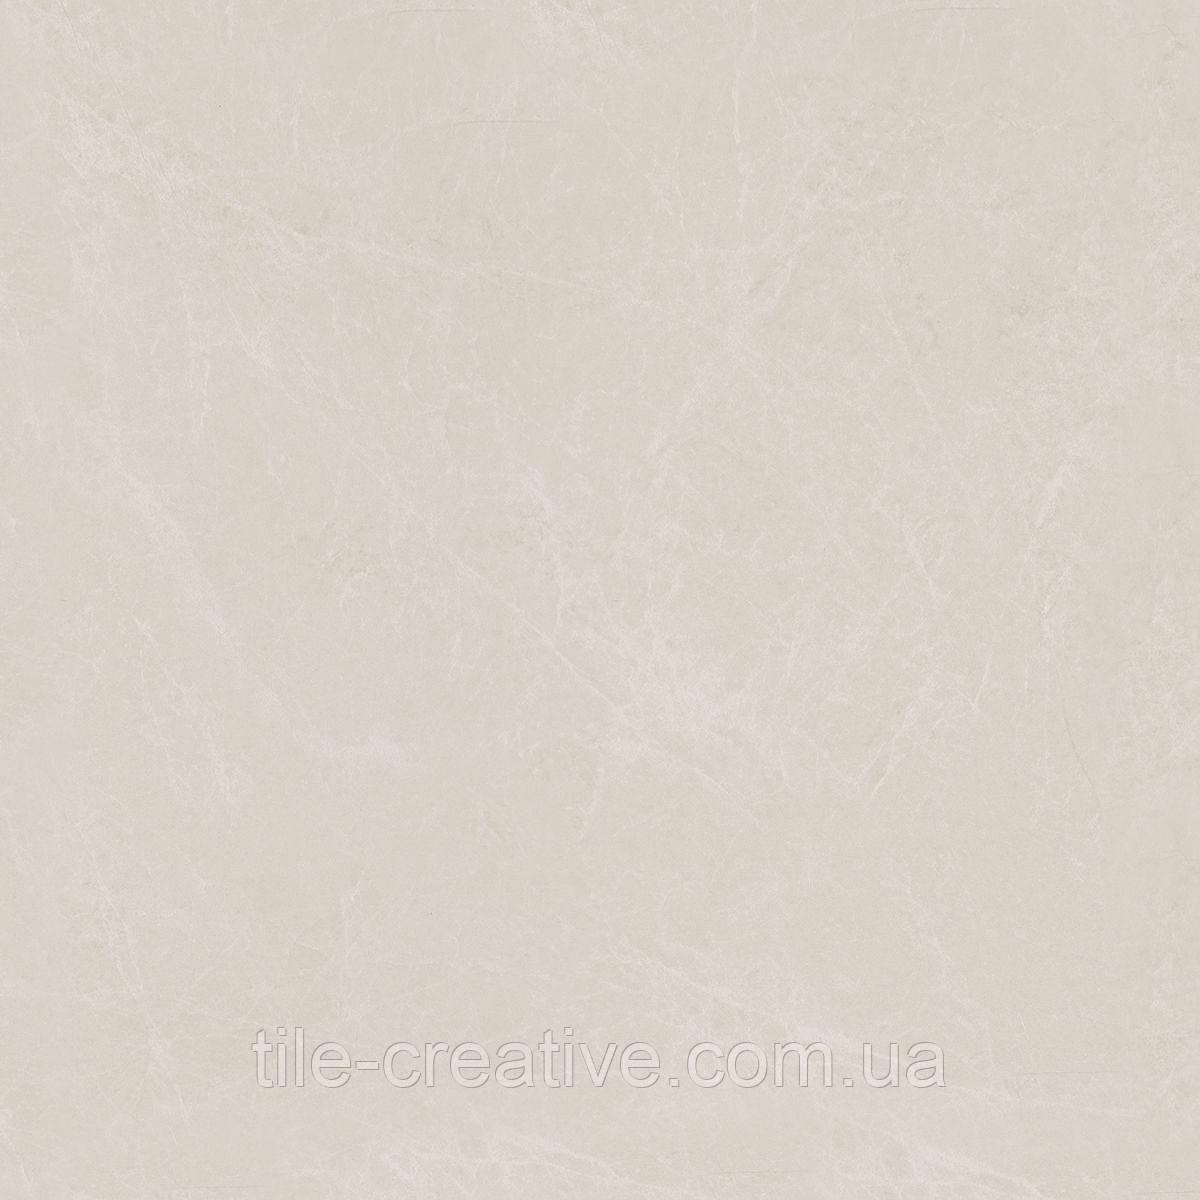 Керамическая плитка Лирия беж40,2x40,2x8 SG164600R